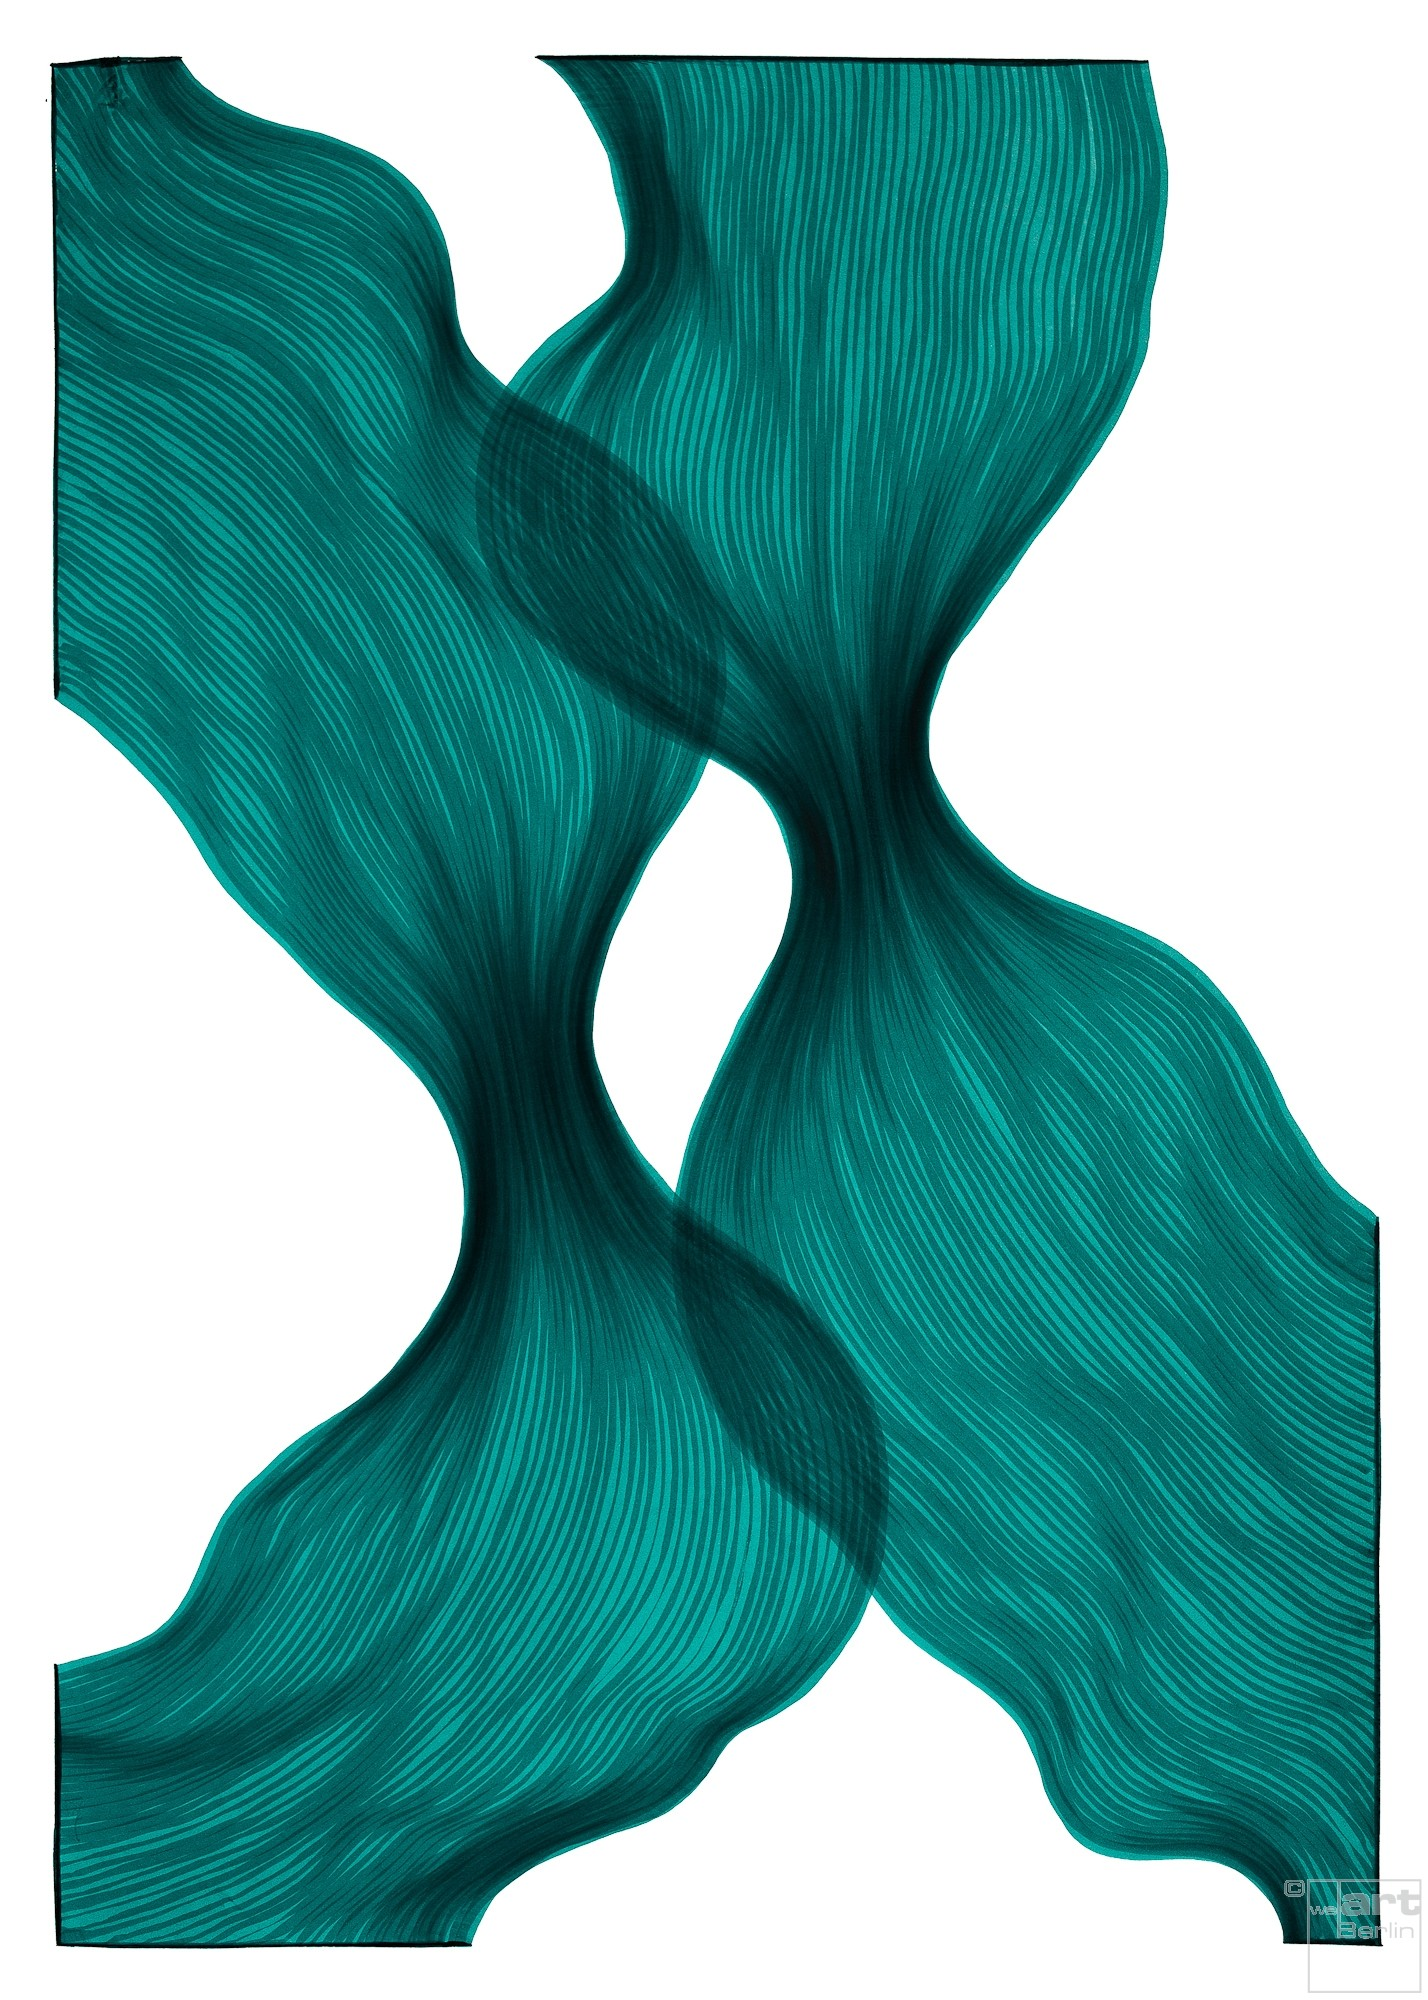 Aqua Dawn Sheer Folds | Lali Torma | Zeichnung | Kalligraphietusche auf Papier